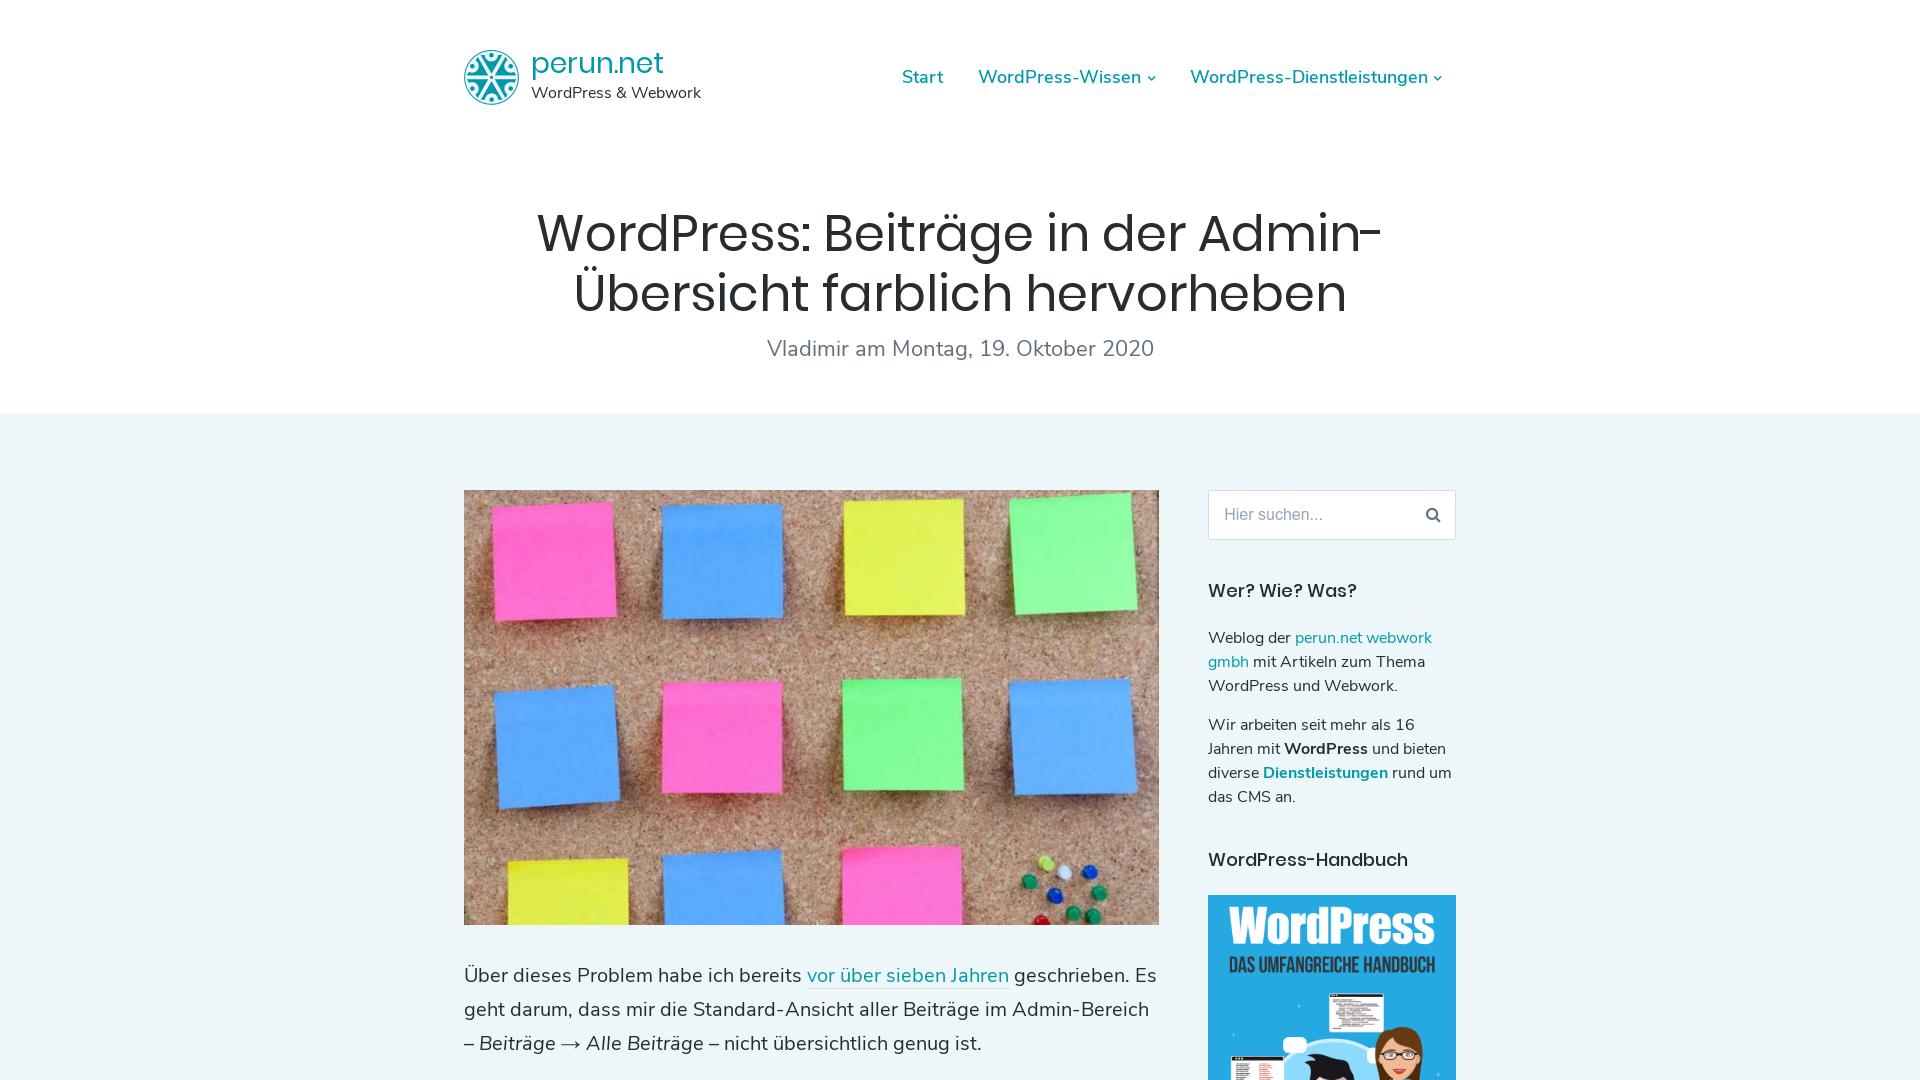 https://www.perun.net/2020/10/19/wordpress-beitraege-in-der-admin-uebersicht-farblich-hervorheben/